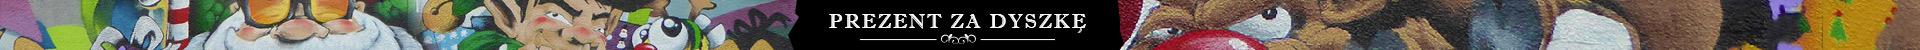 /prezent-za-dyszke/oferta